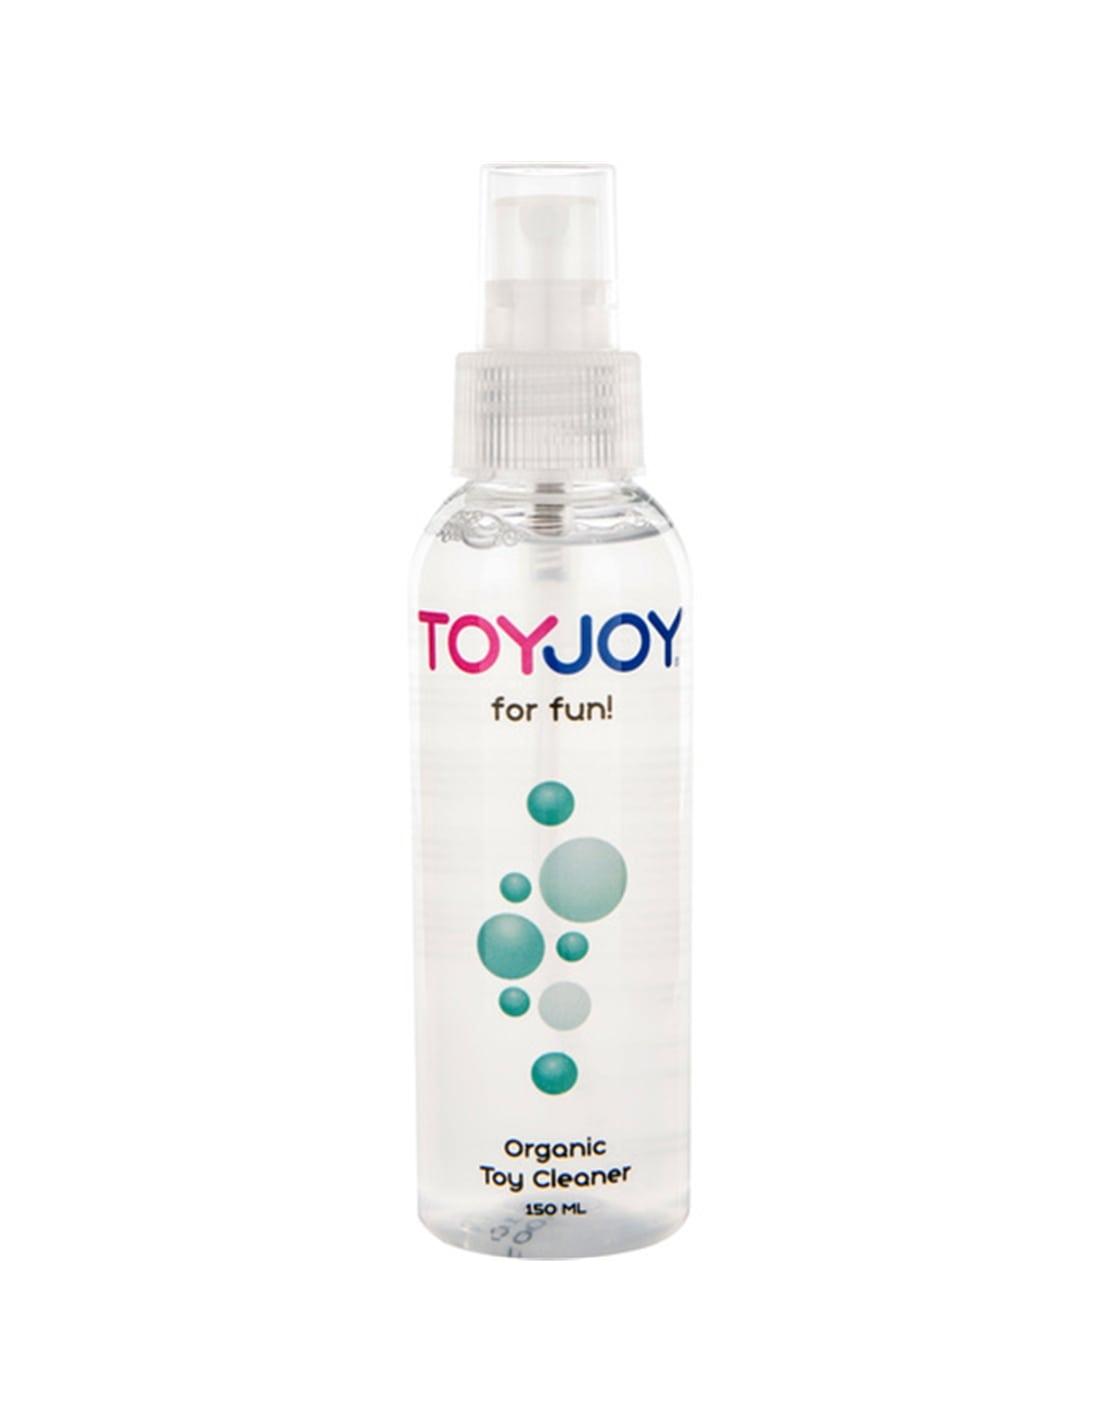 90606 - Spray de Limpeza-PR2010299270